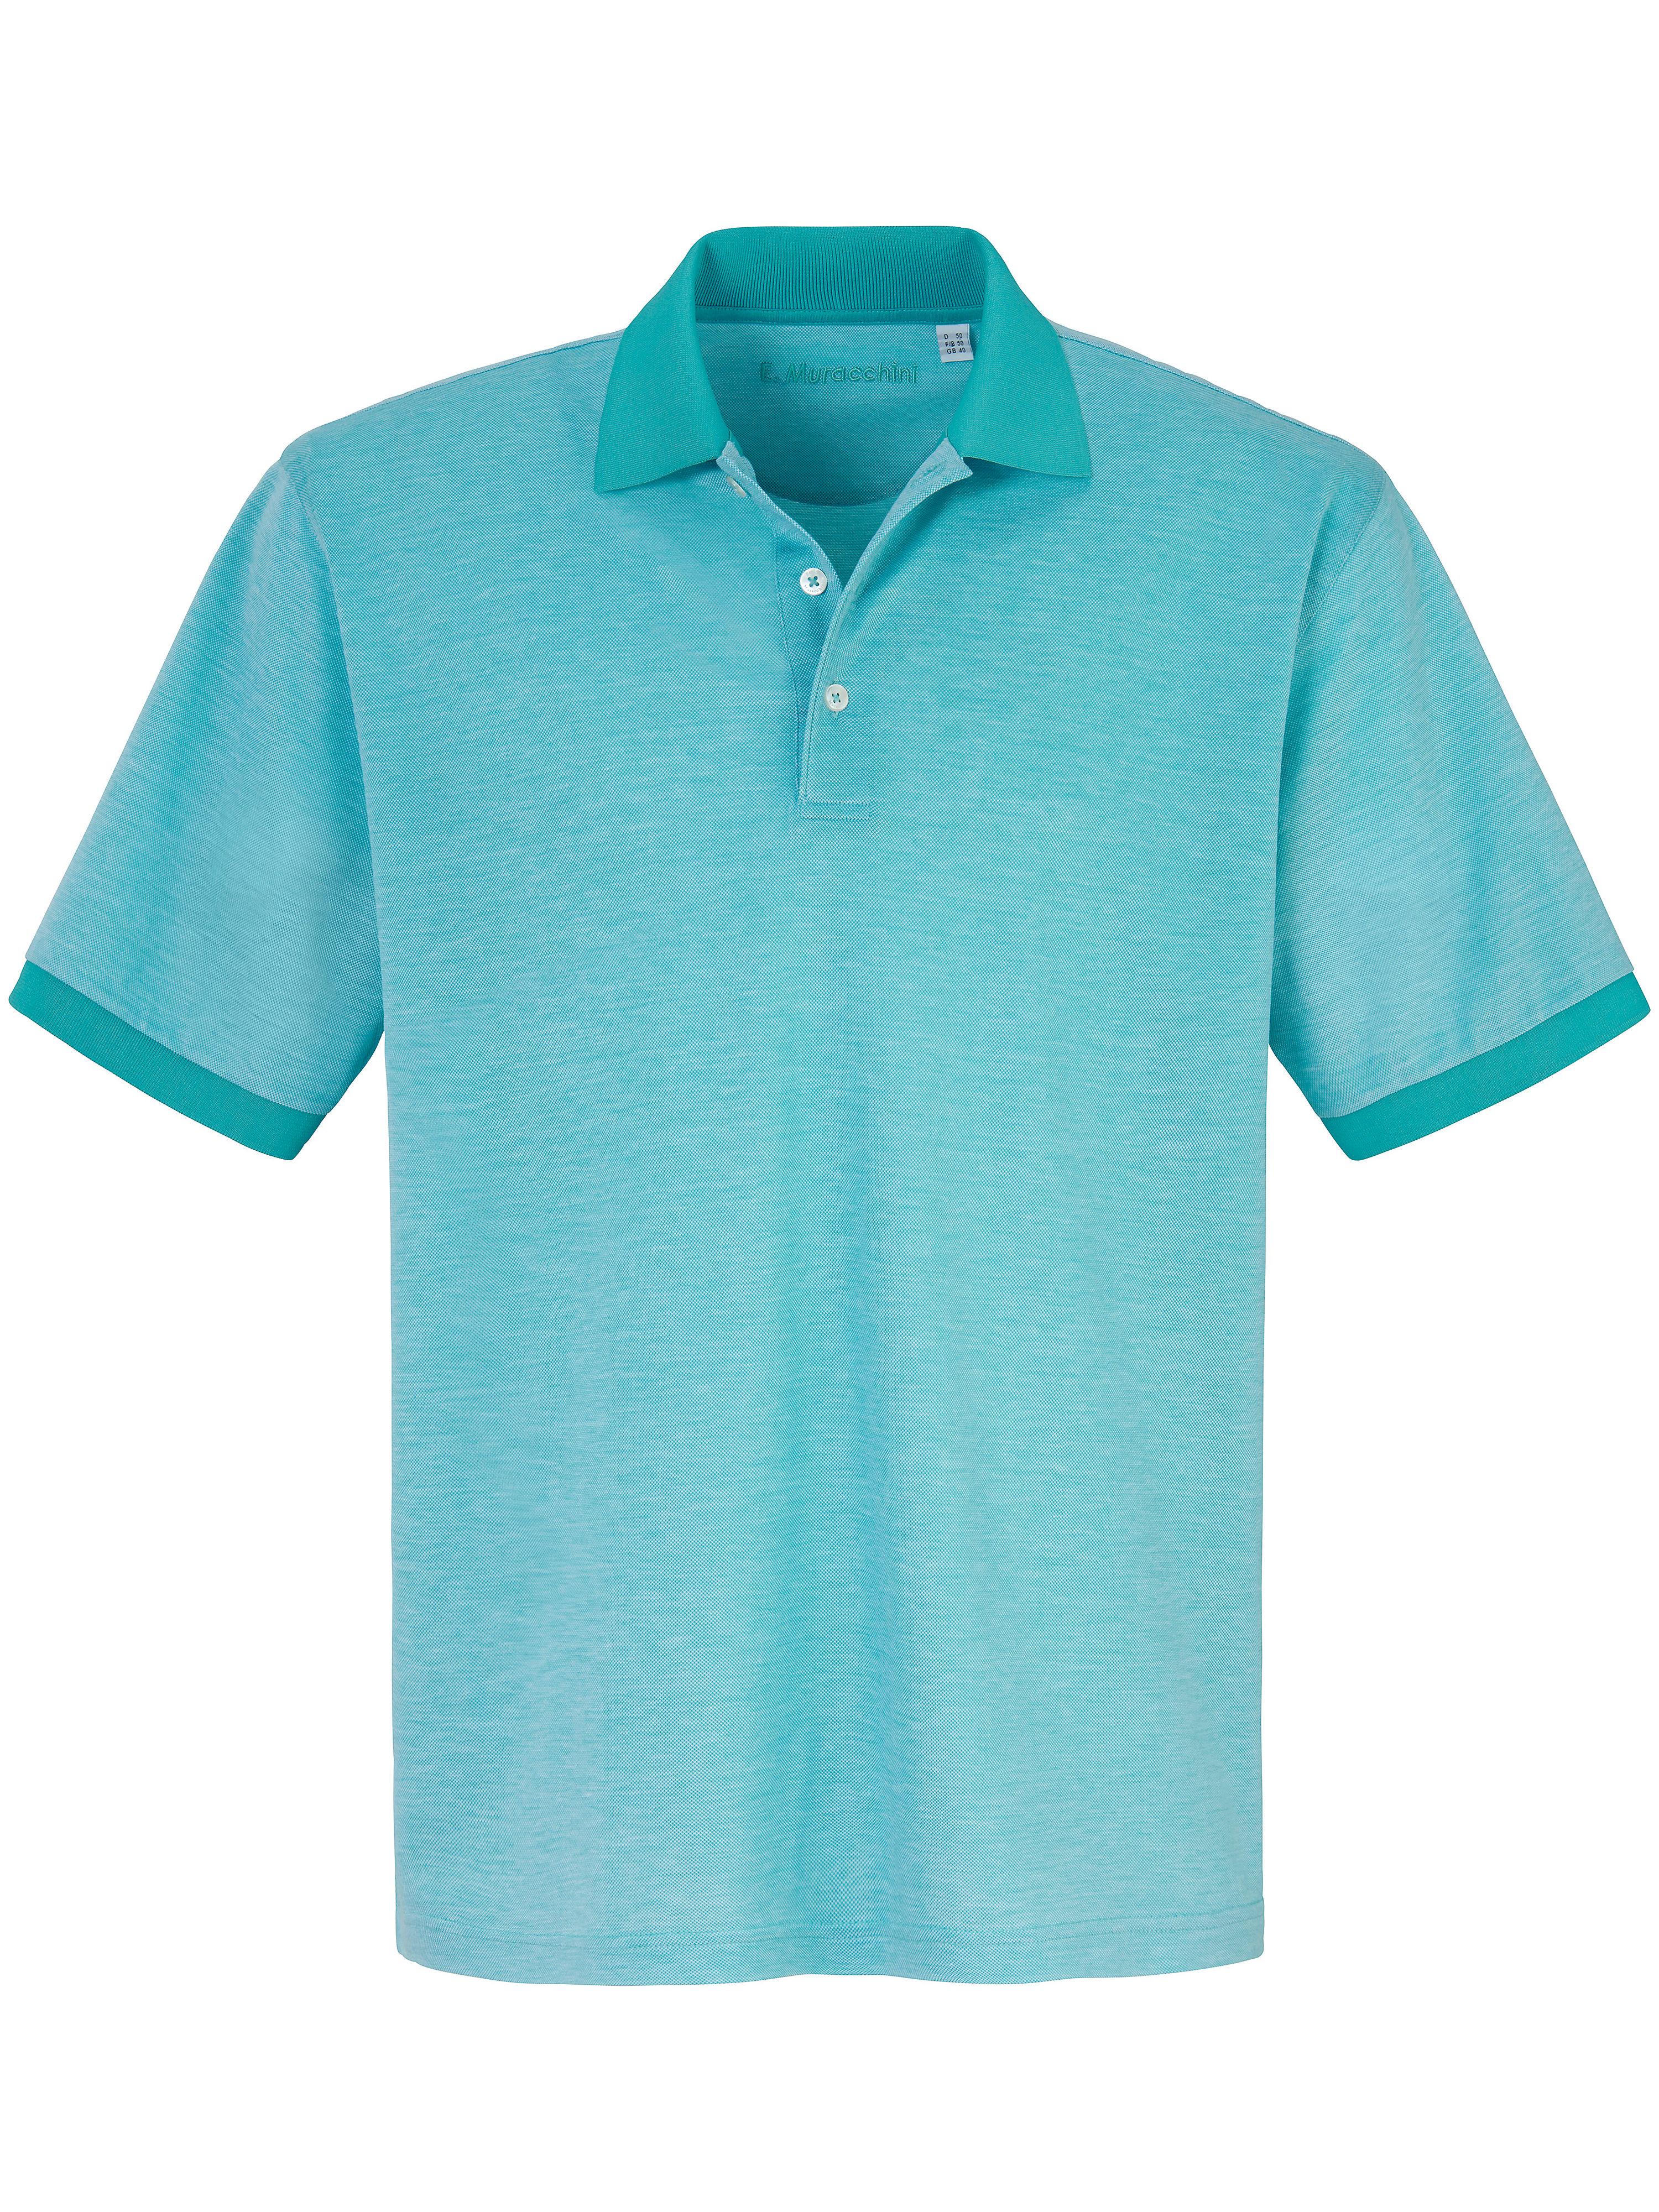 Le polo 100% coton  E.Muracchini turquoise